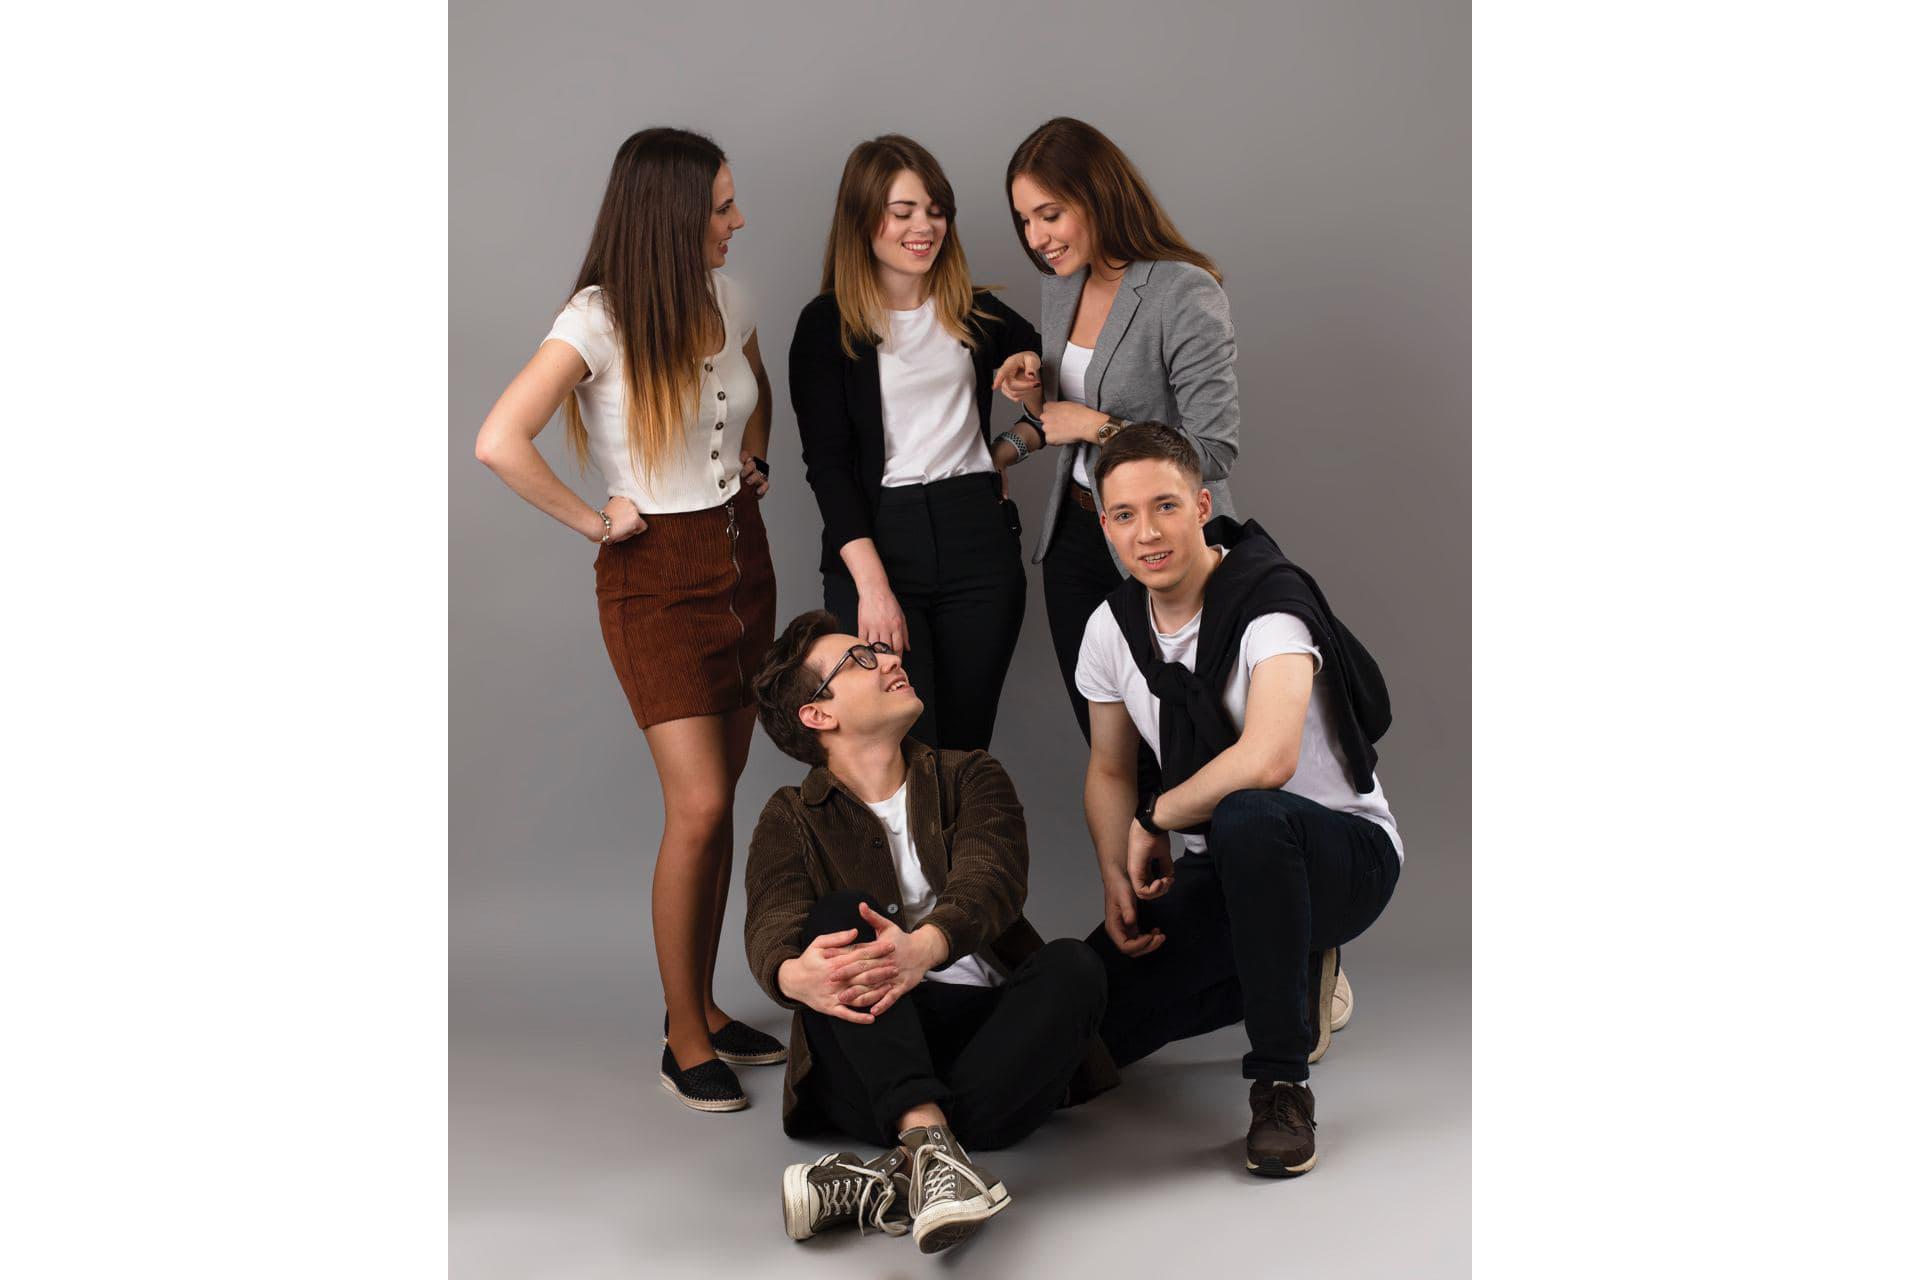 «Балтика», часть Carlsberg Group: работа для молодых в международной компании